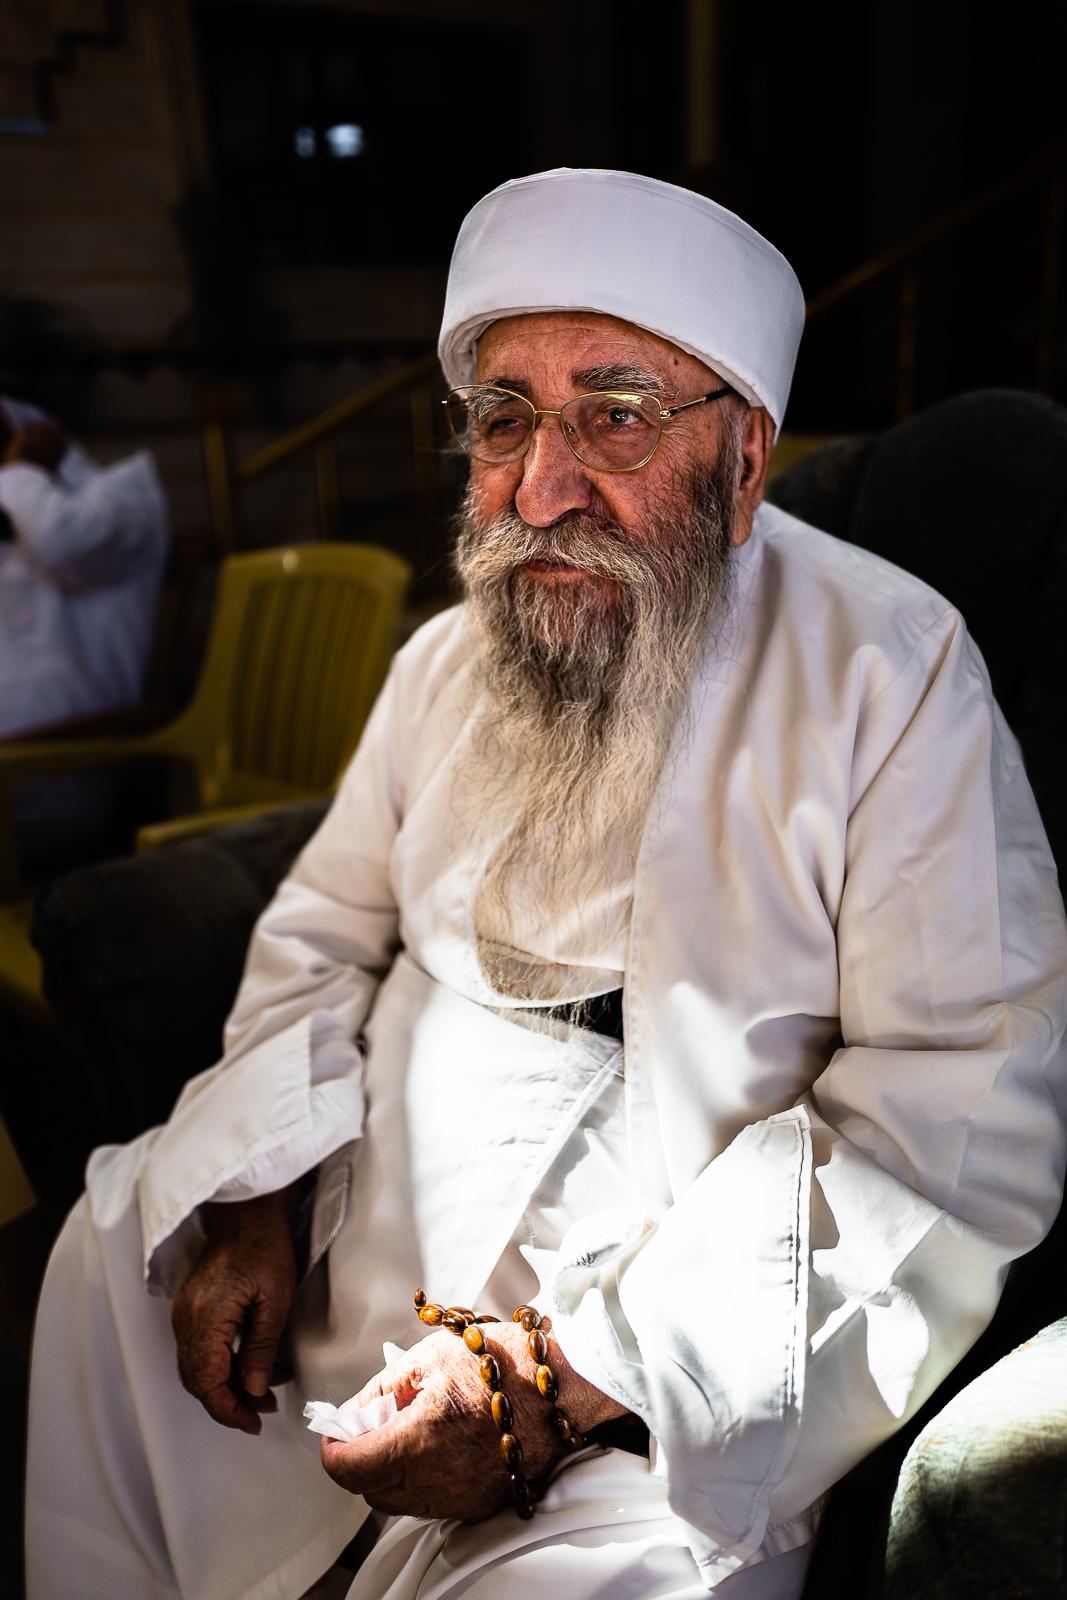 Baba Sheikh at his house